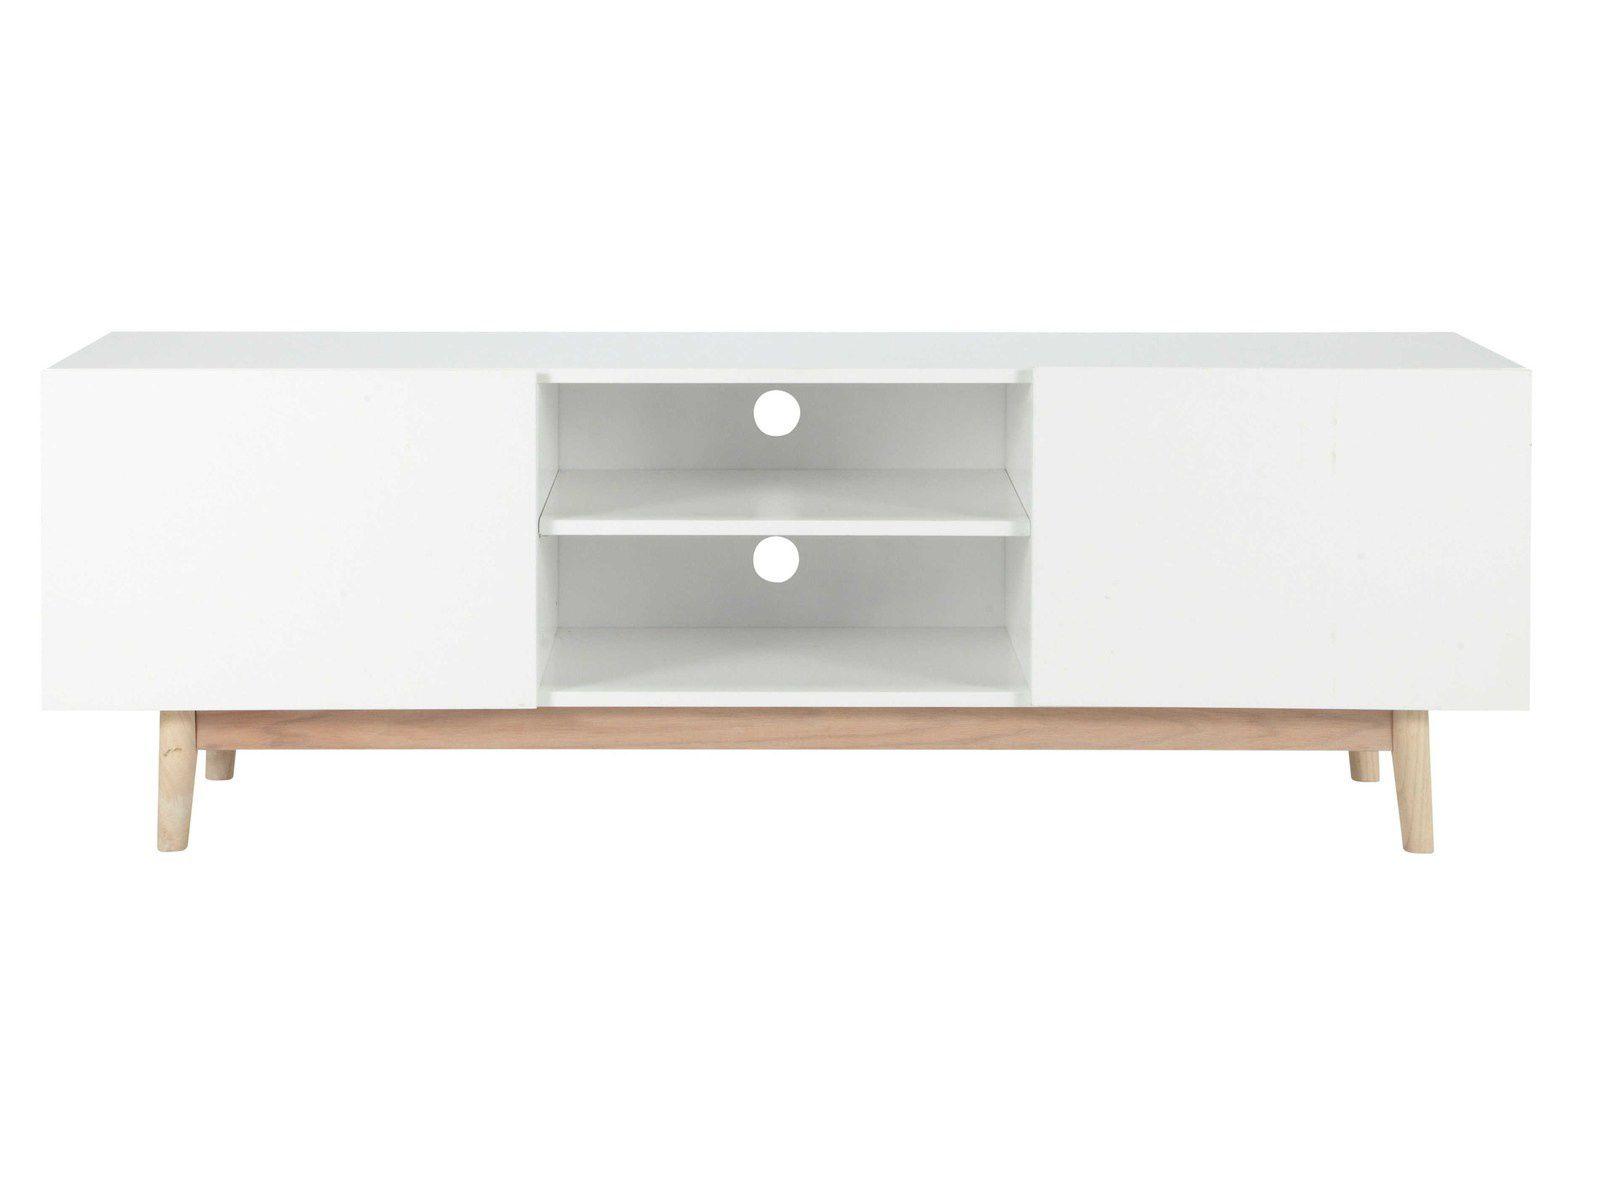 Meuble Ikea Besta Blanc customiser un meuble tv ikea avec pieds scandinaves en bois